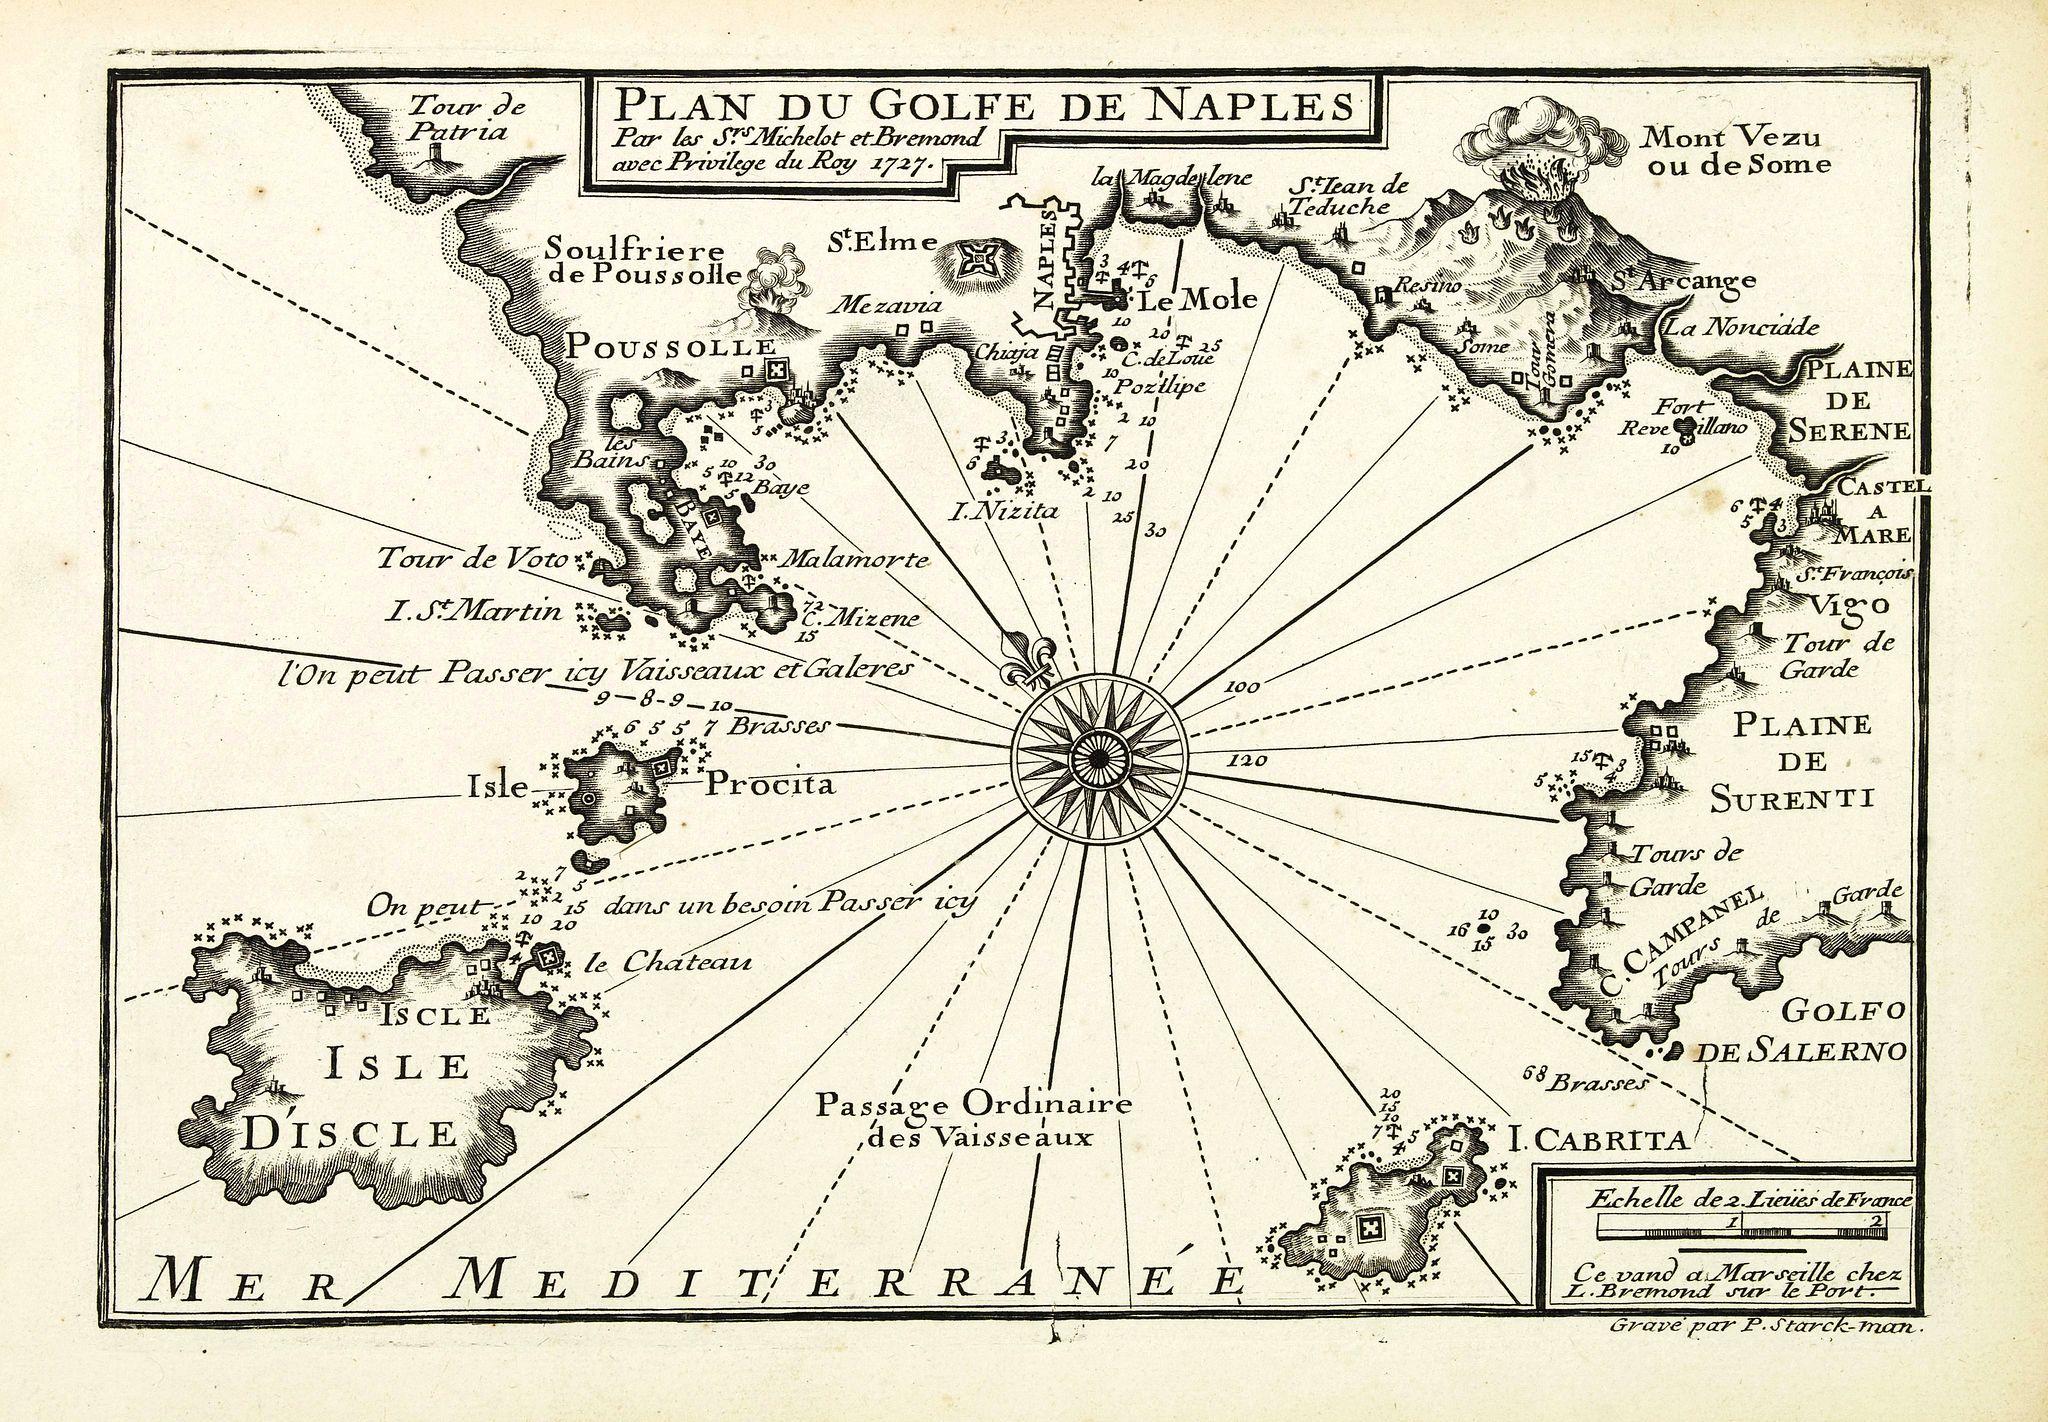 MICHELOT, H. / BREMOND, L. -  Plan du Golfe de Naples.